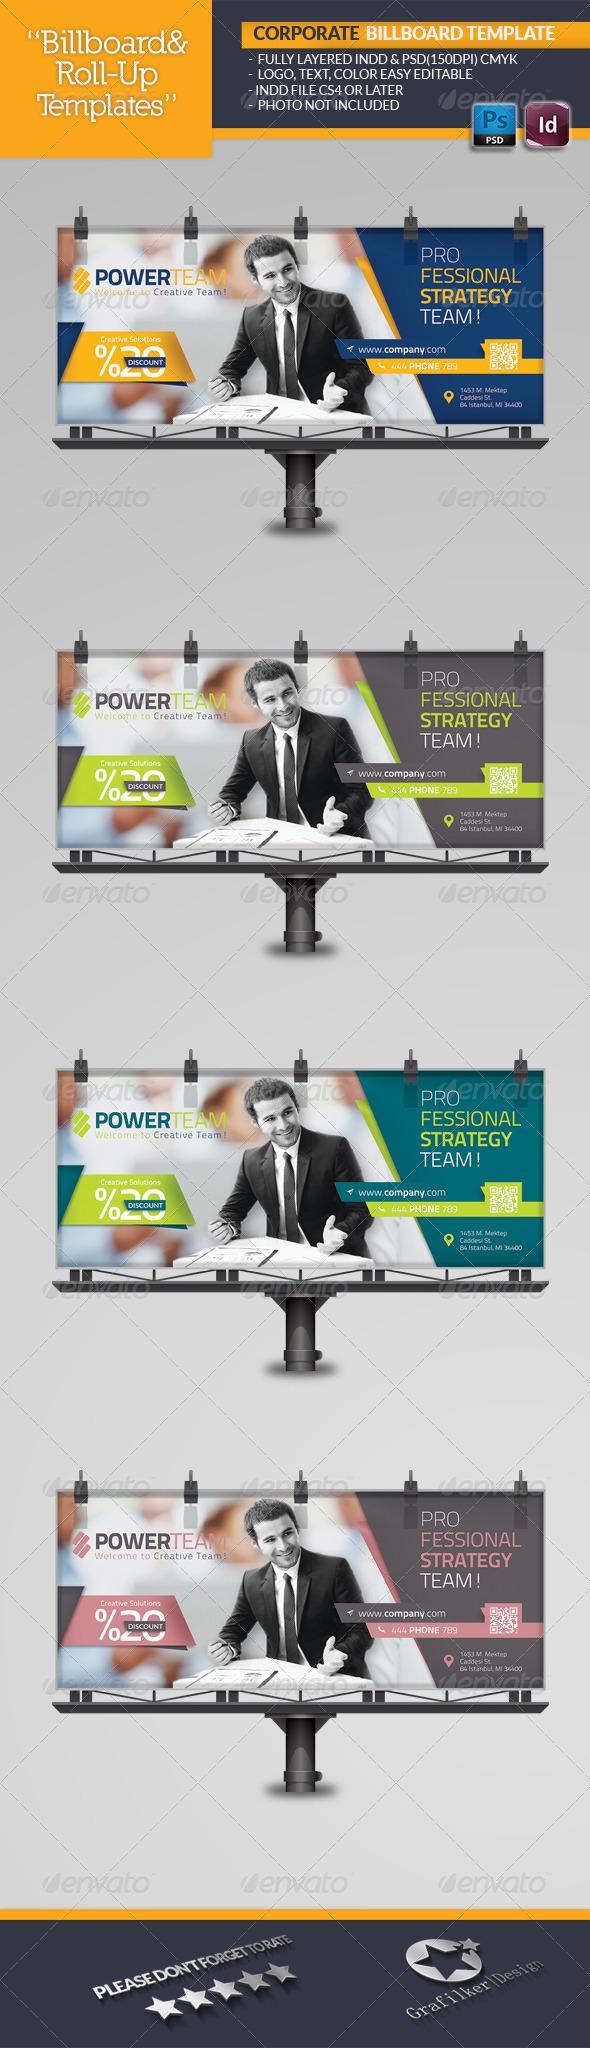 GraphicRiver Corporate Billboard Template 6506116